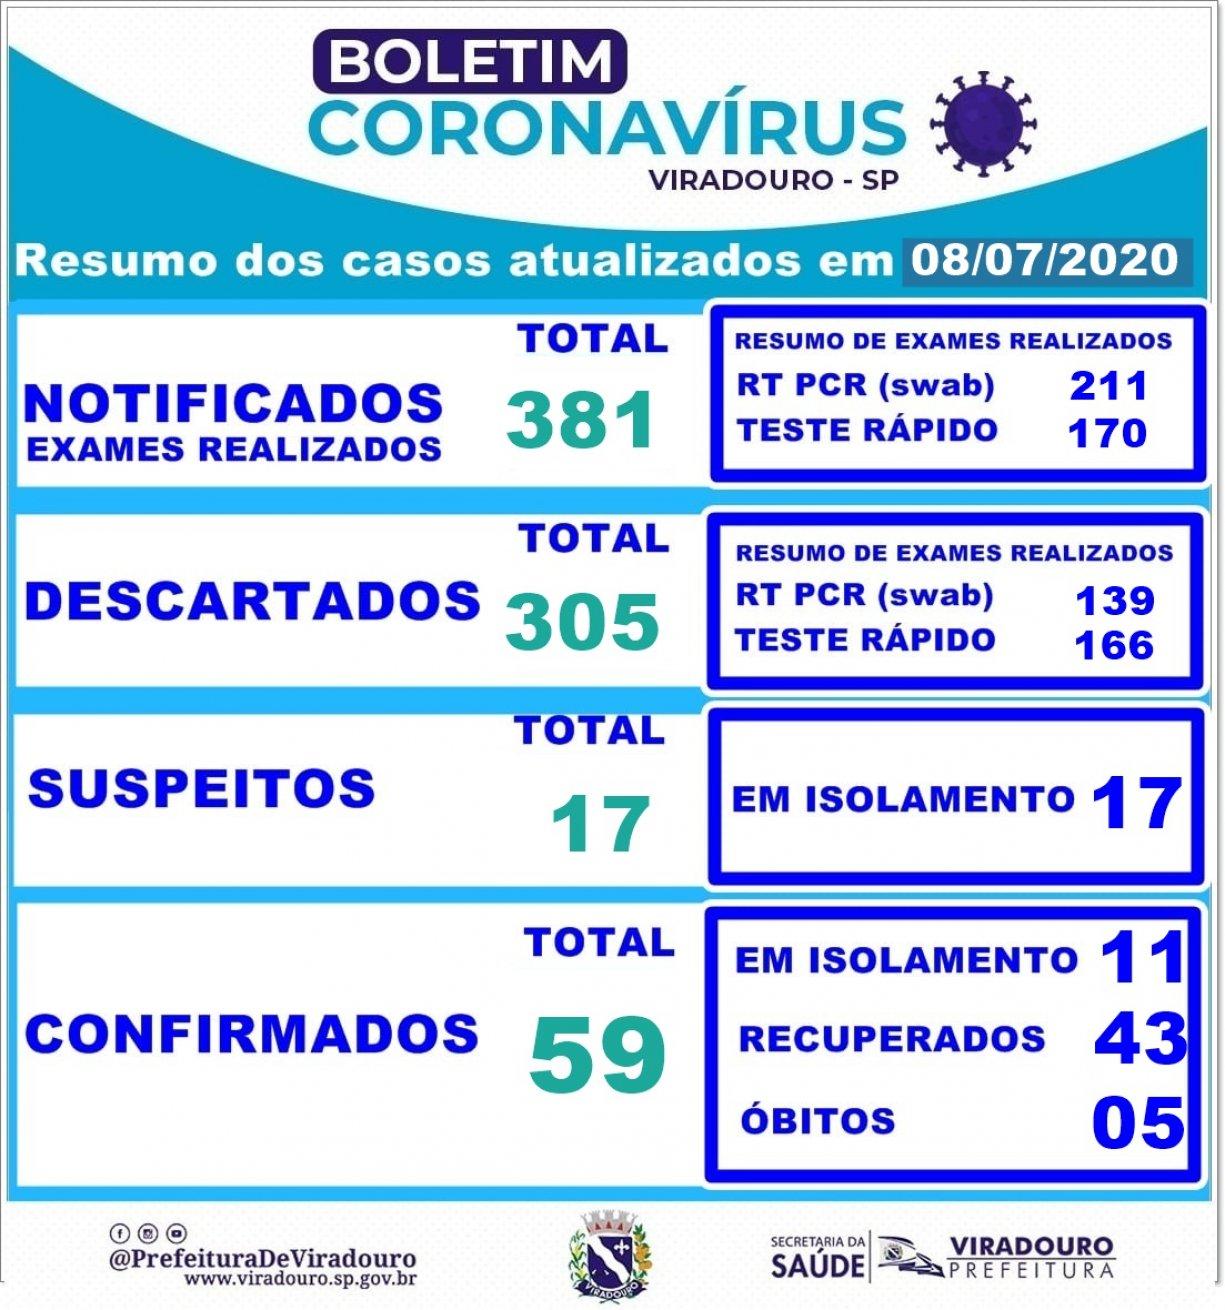 Boletim Epidemiológico Viradouro (Atualização 08/07/2020)